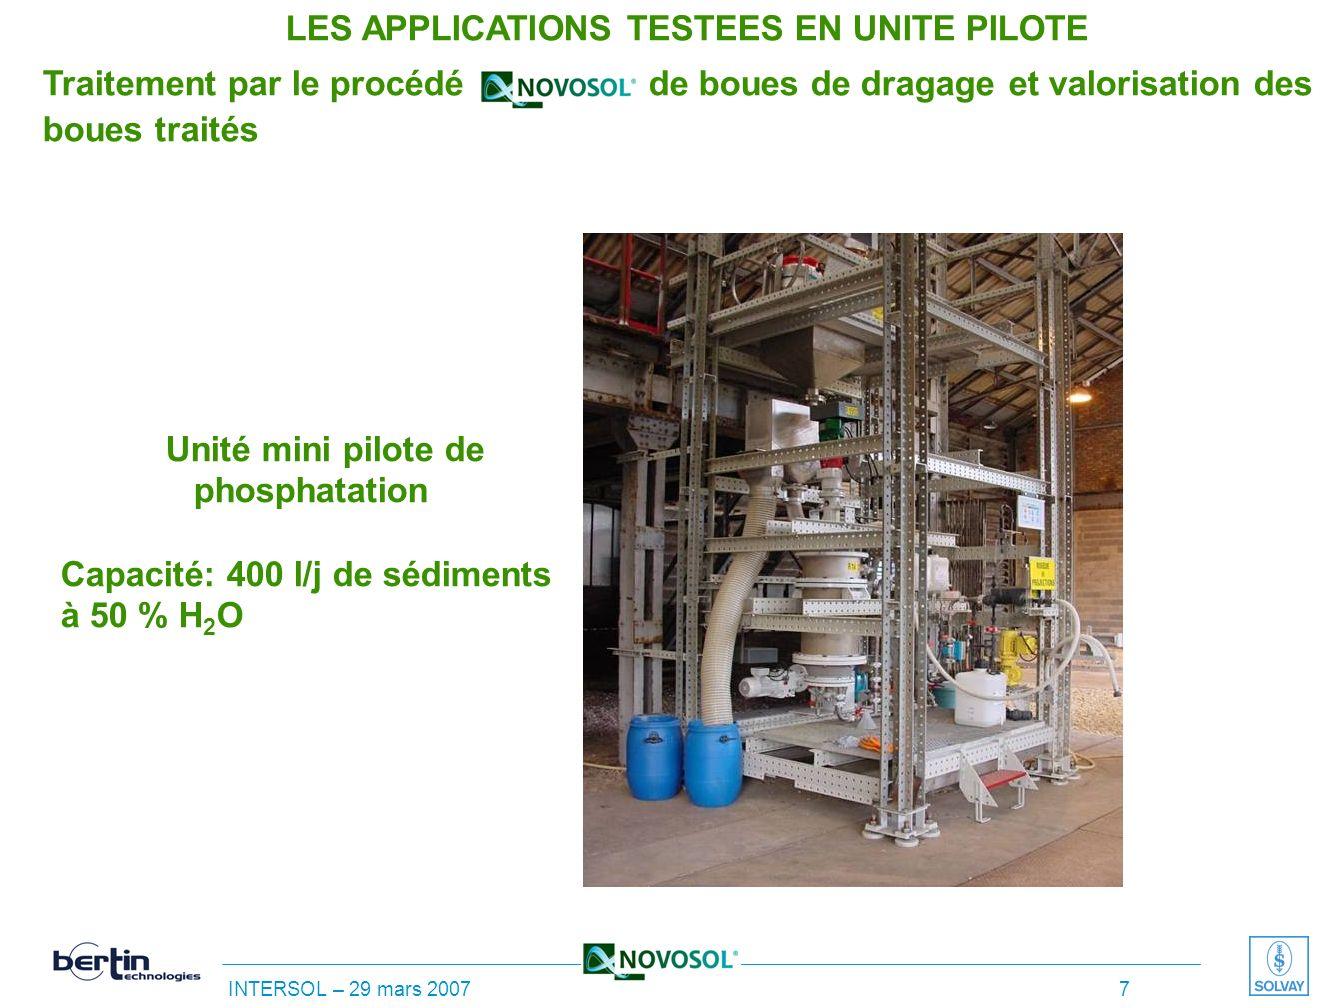 INTERSOL – 29 mars 2007 6 Classification européenne des déchets : 17 05 05 * Boues de dragage contenant des substances dangereuses Valeurs limites (co